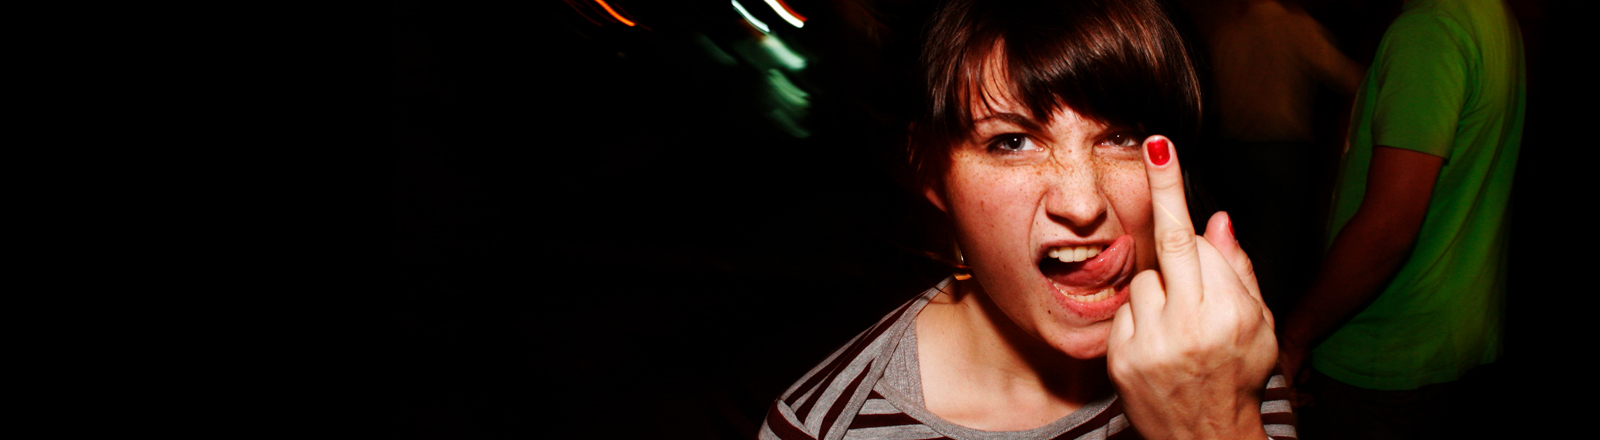 Eine junge Frau streckt den Mittelfinger in die Luft und streckt die Zunge raus